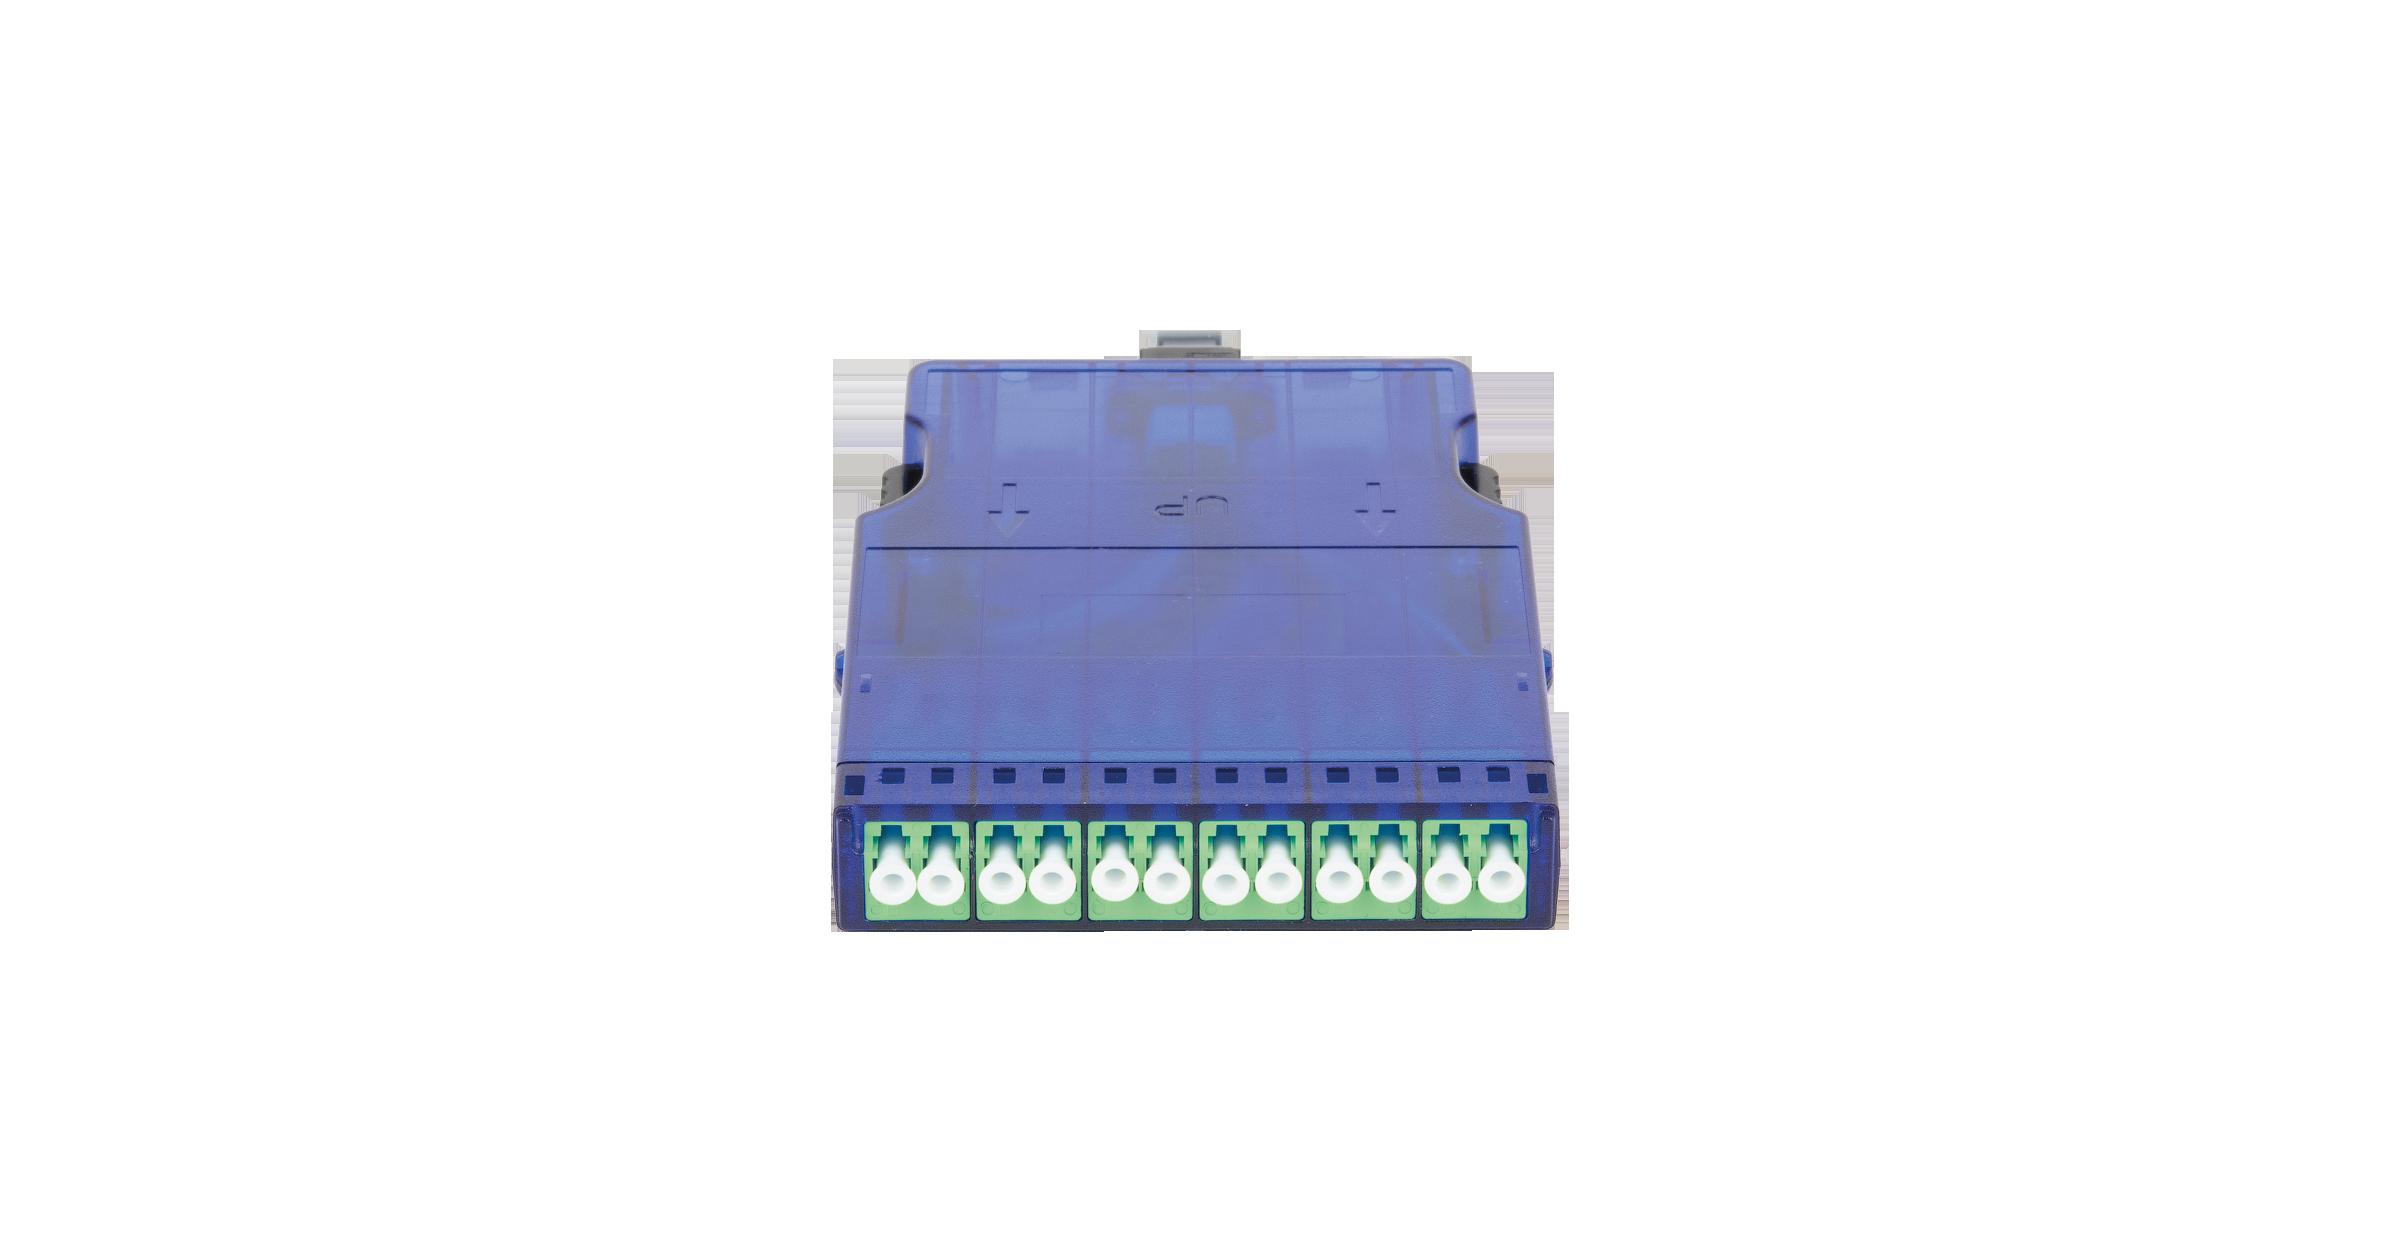 Кассета NIKOMAX волоконно-оптическая, для панели серии CJ, 1 слот, одномодовая 9/125 мкм, стандарта OS2, 1x MTP/male - 12x LC/APC, поляризация А, премиум